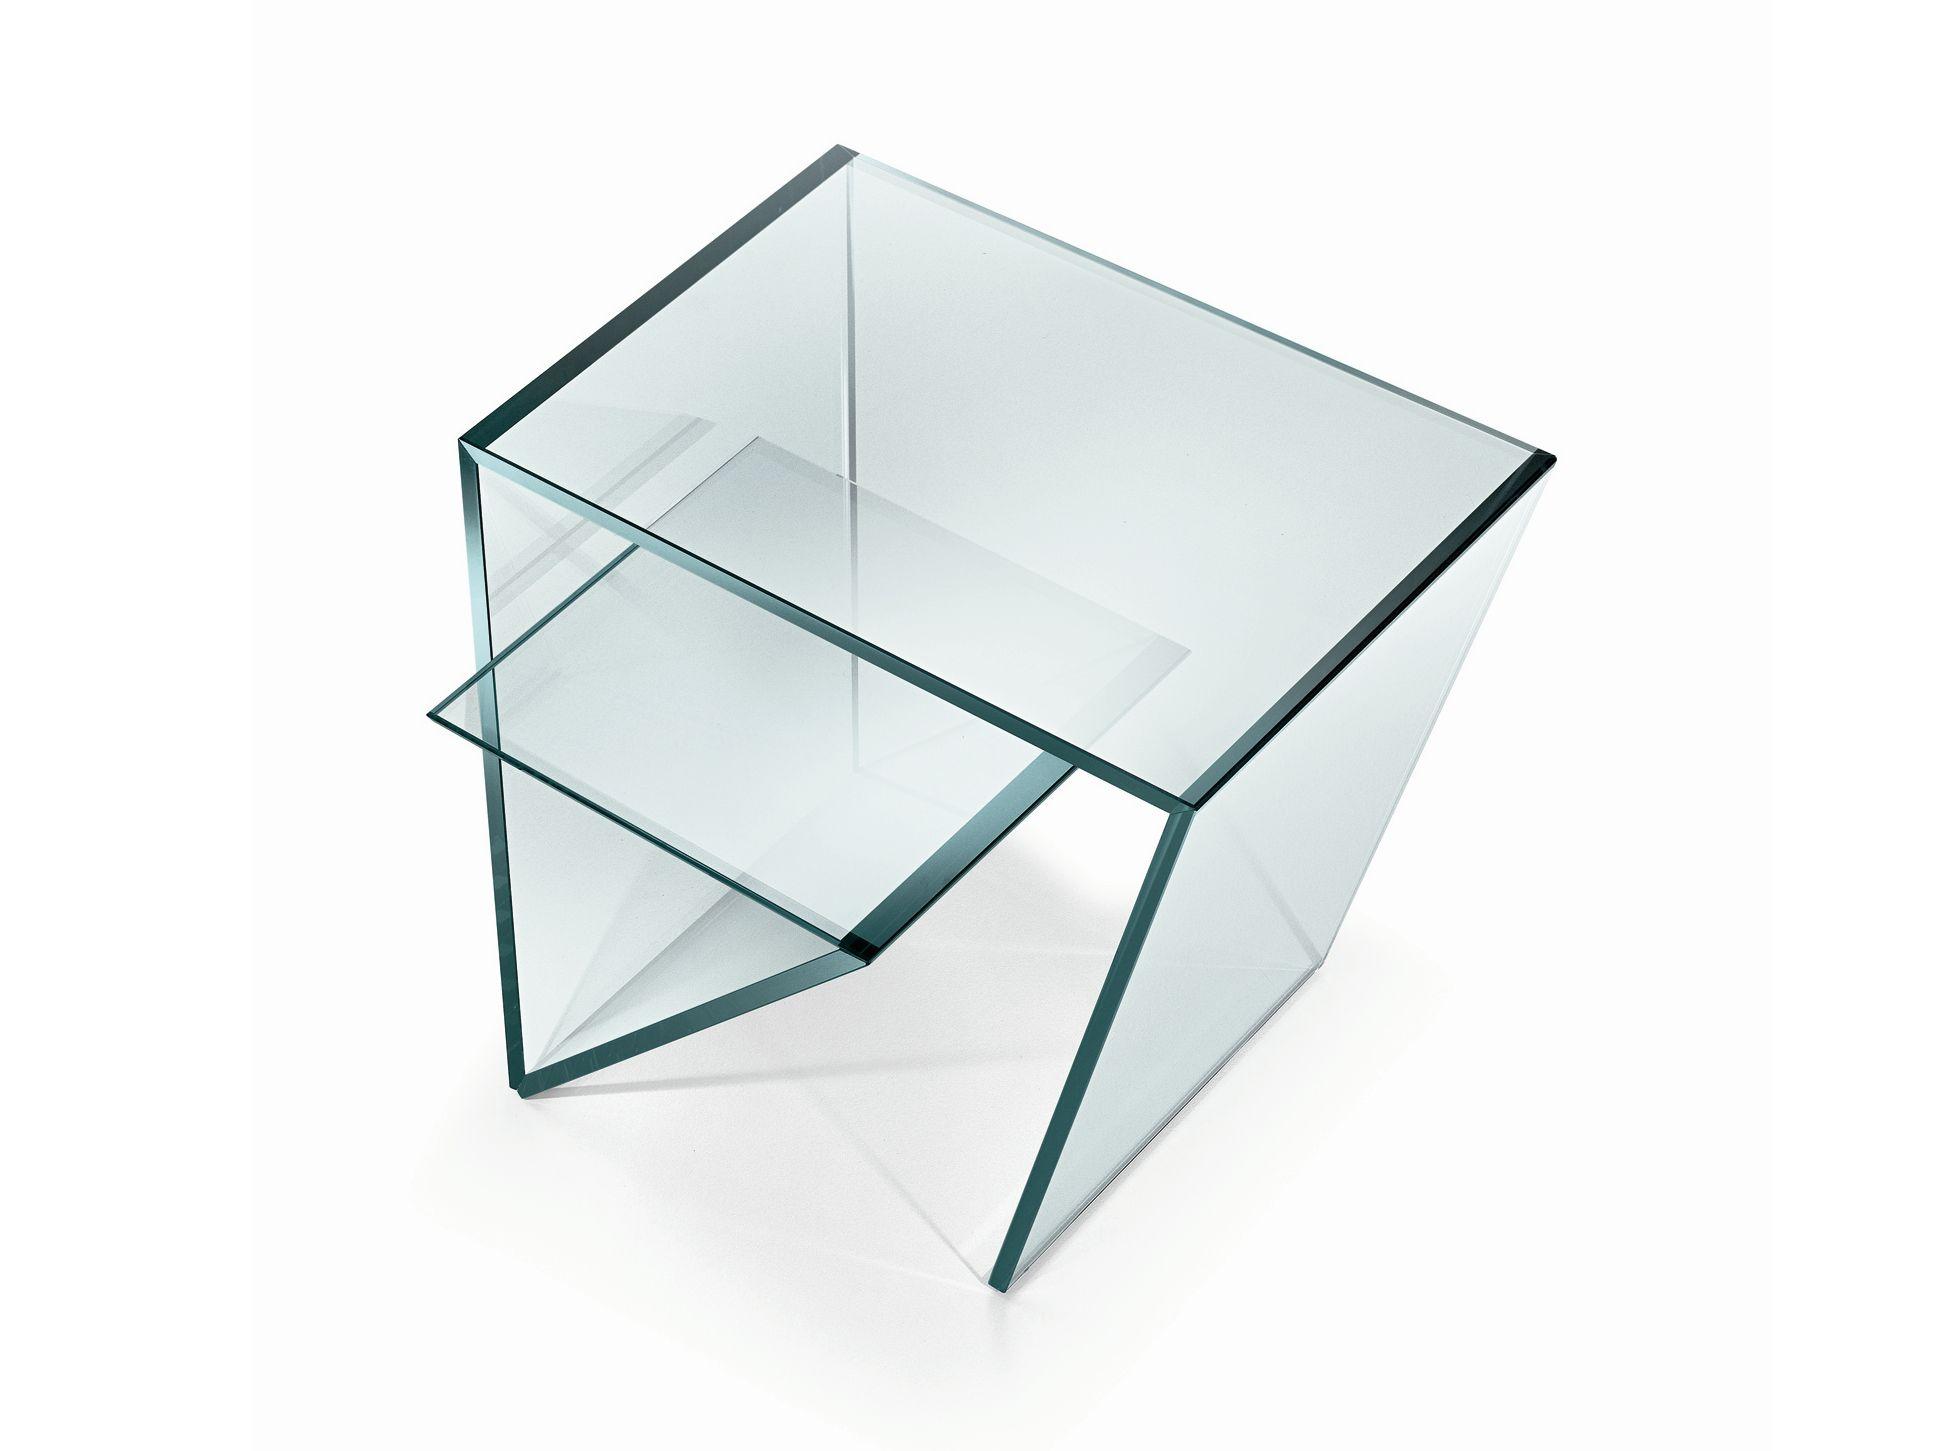 Table d 39 appoint en verre zen by t d tonelli design design - Table d appoint en verre ...